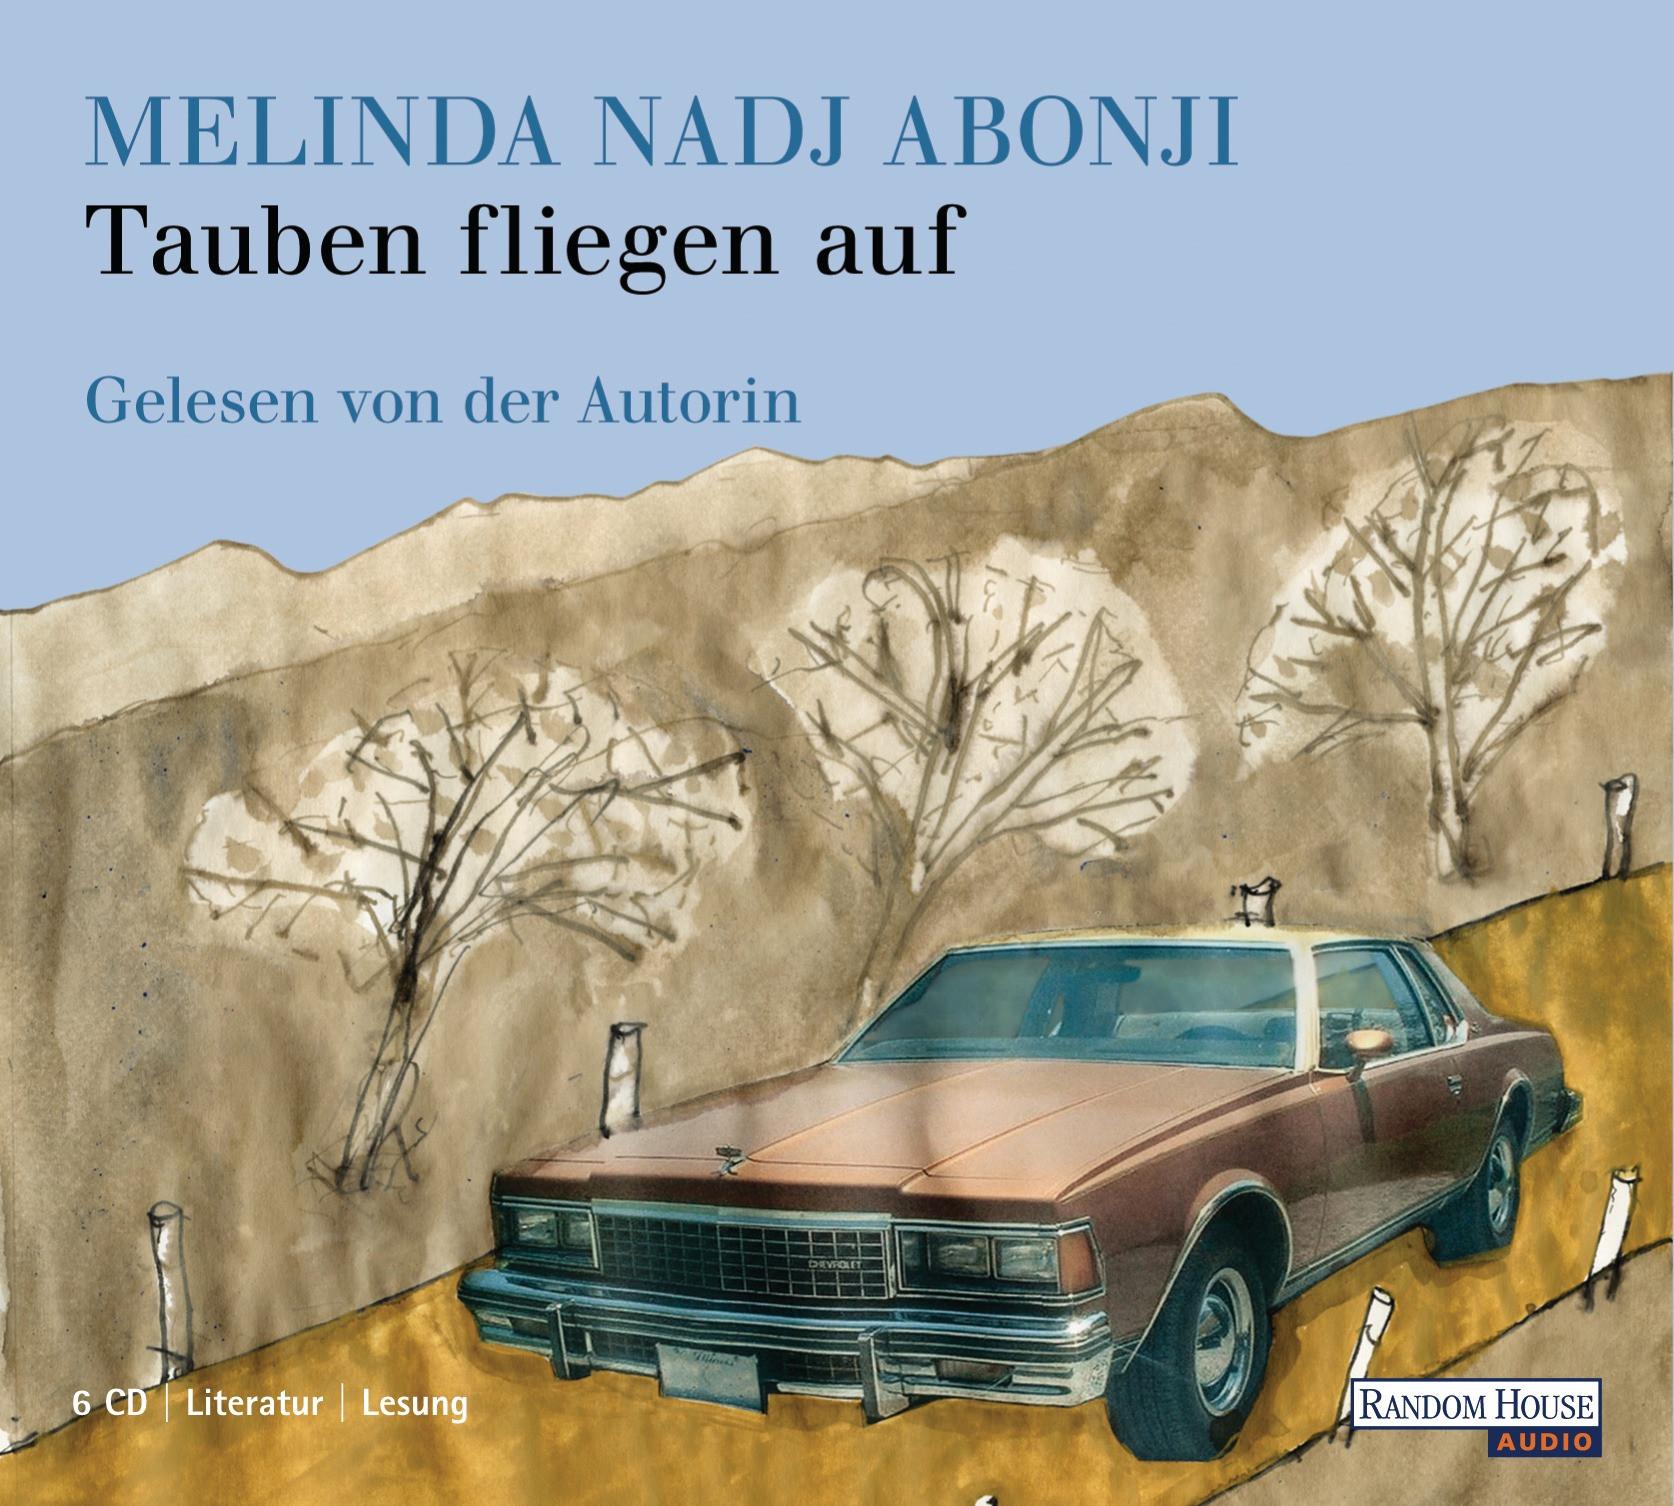 Melinda Nadj Abonji - Tauben fliegen auf